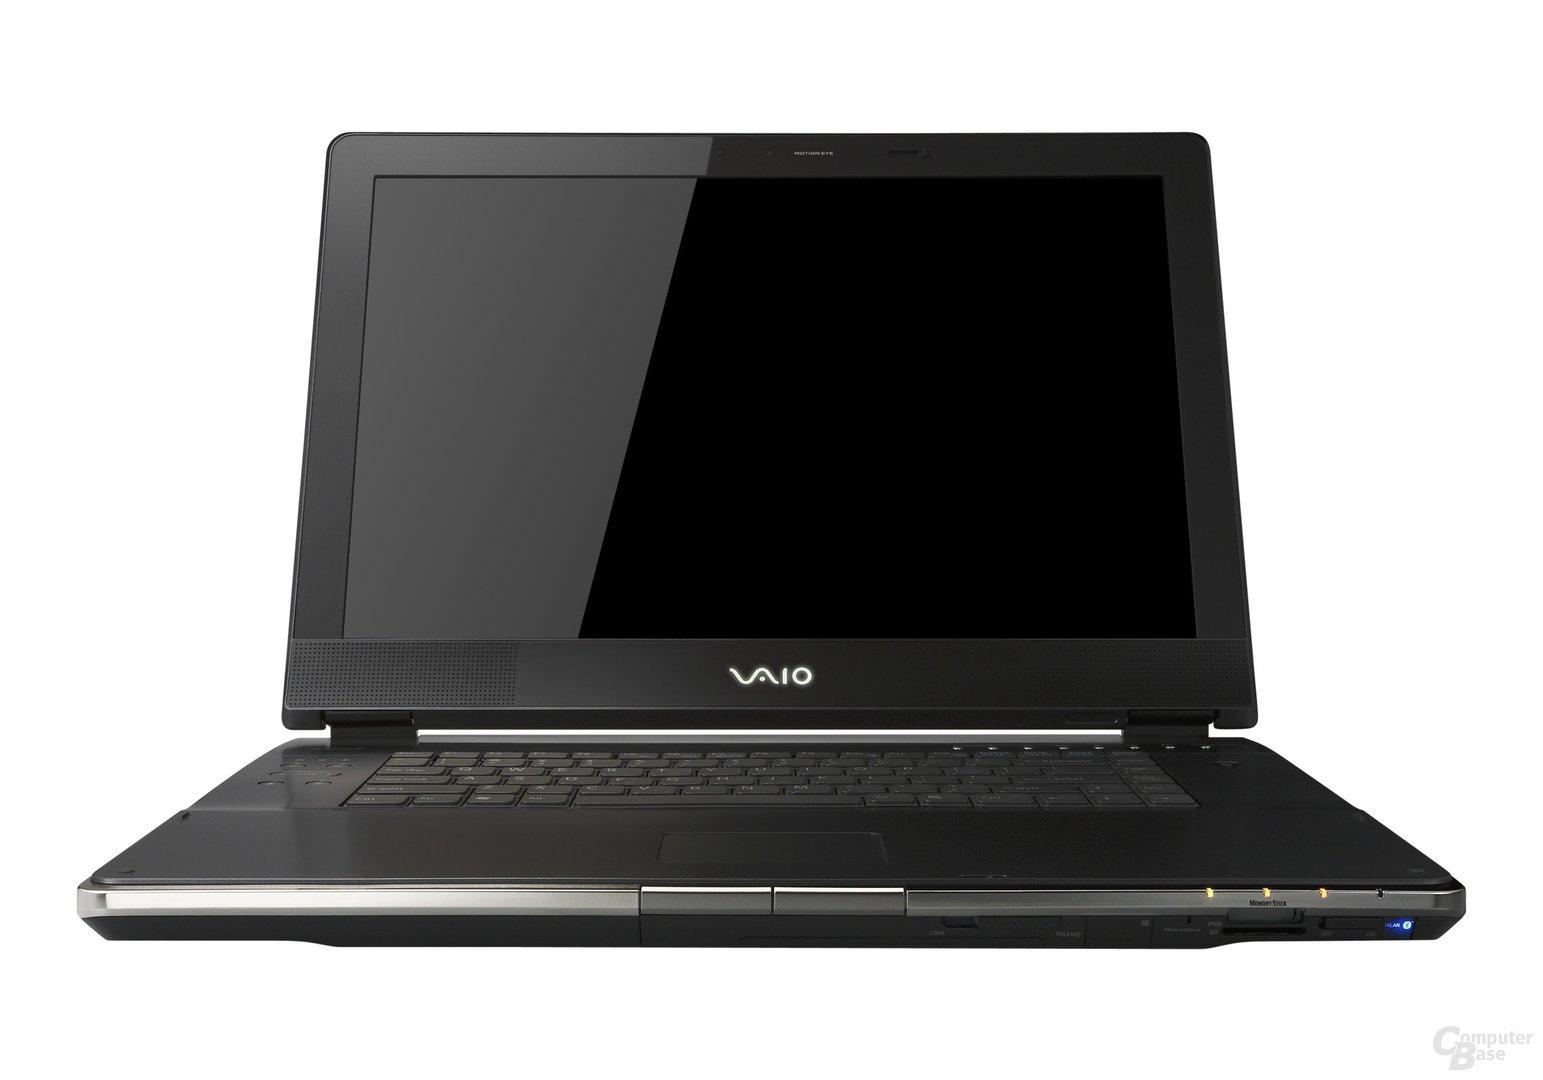 VGN-AR11S